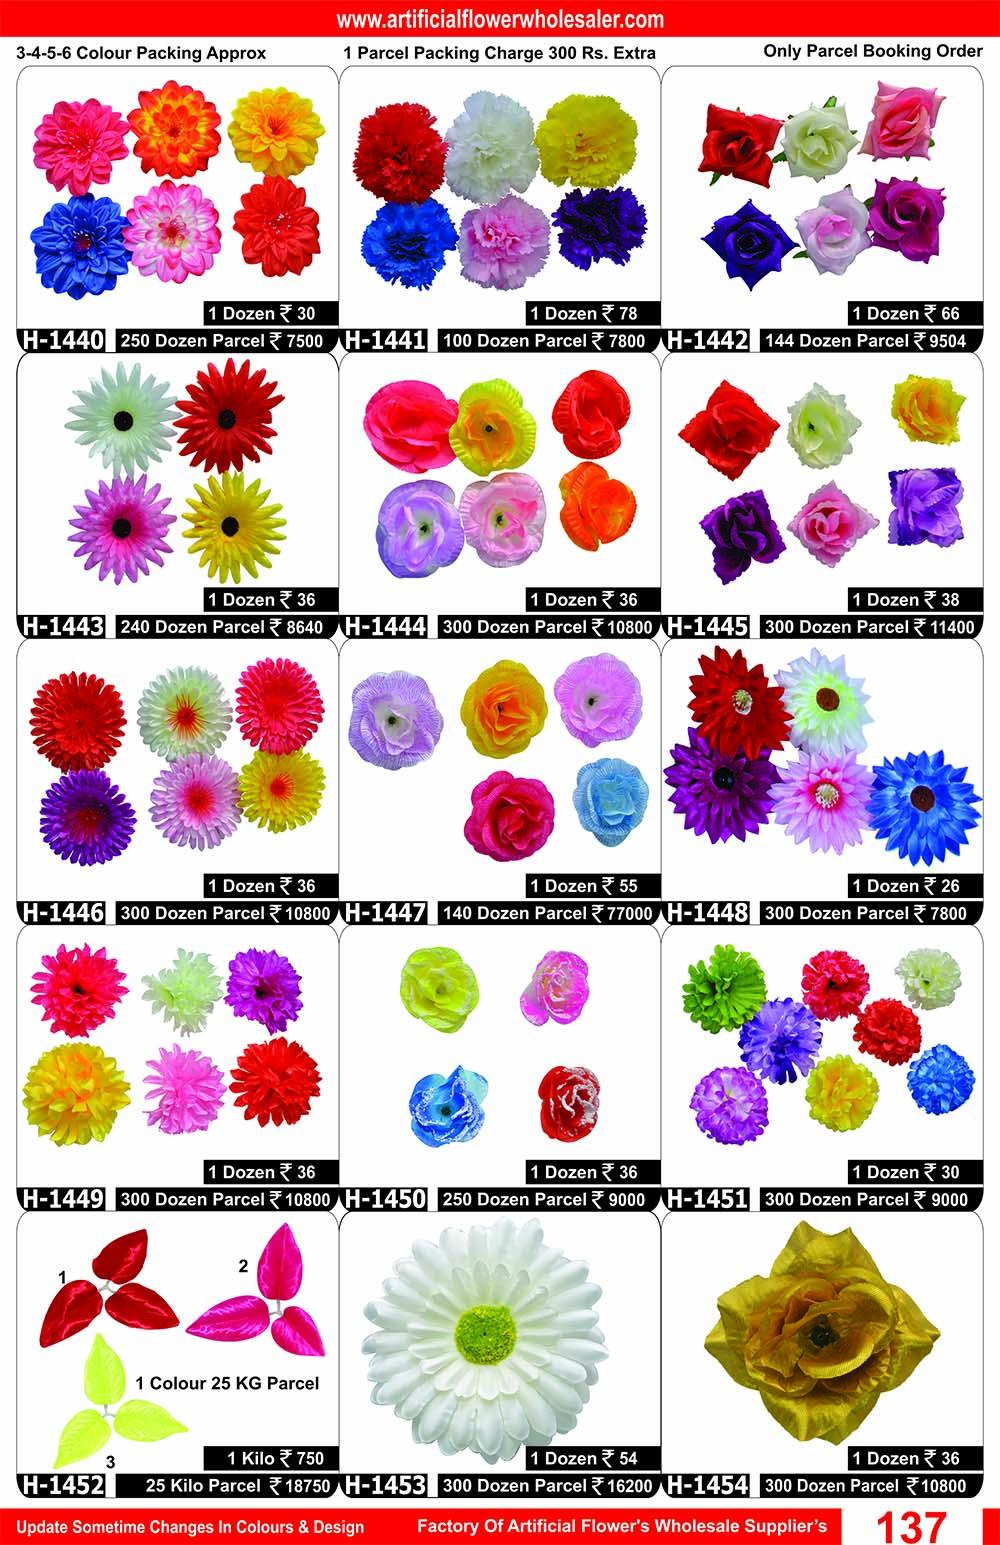 137-artificial-flower-wholesaler